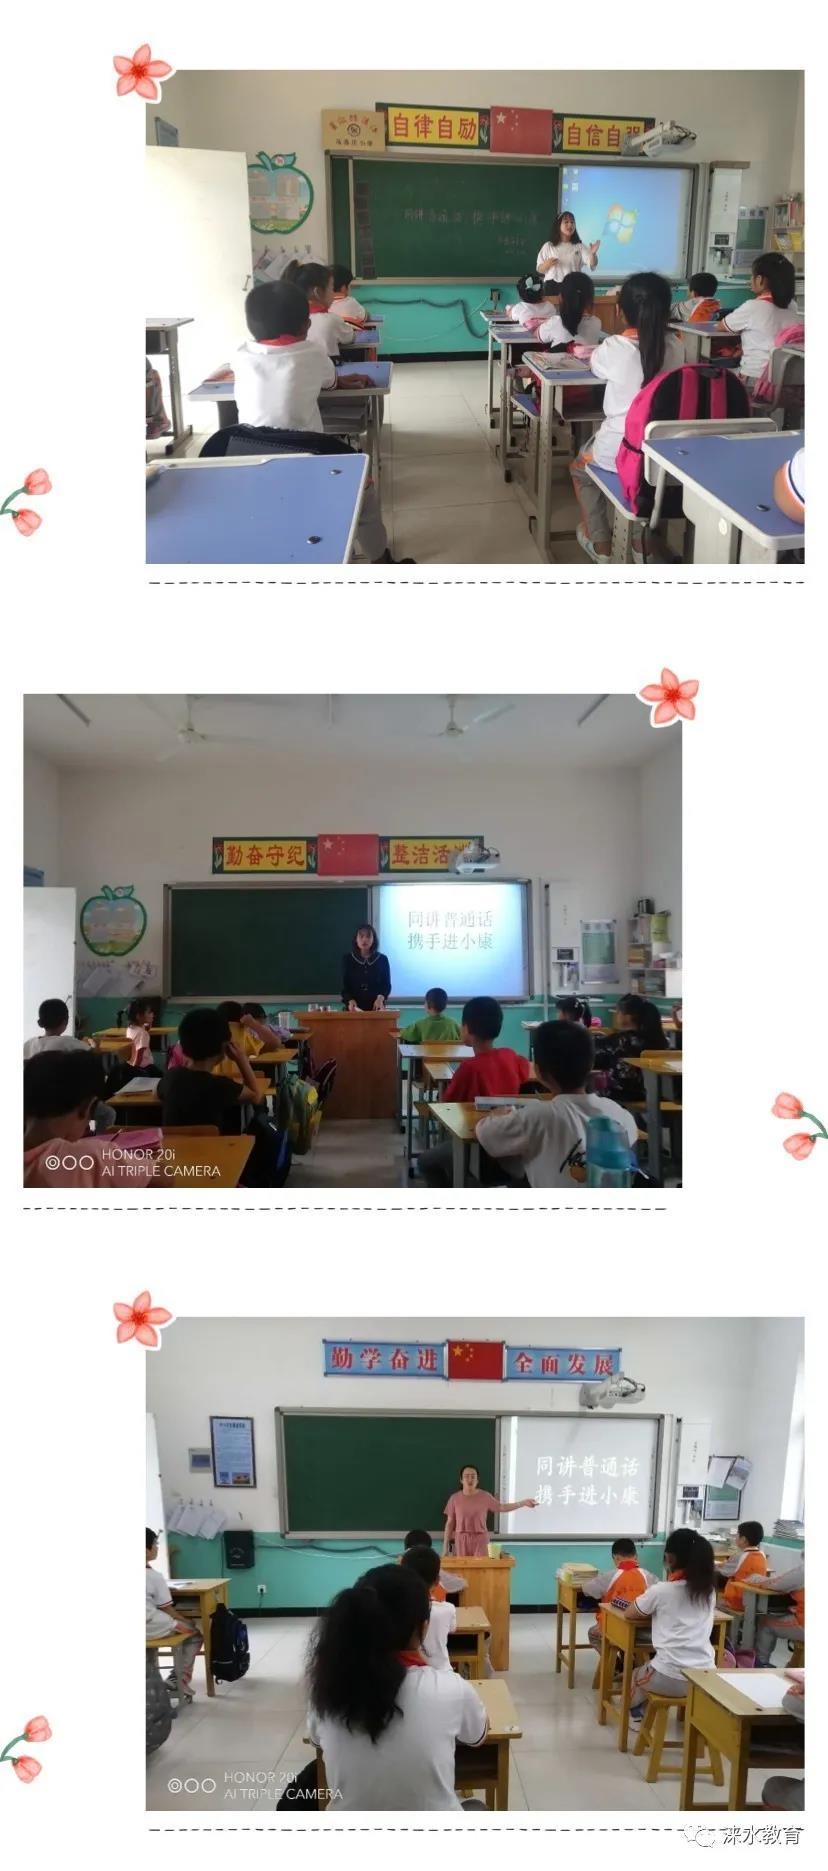 微信图片_20200923163523.jpg